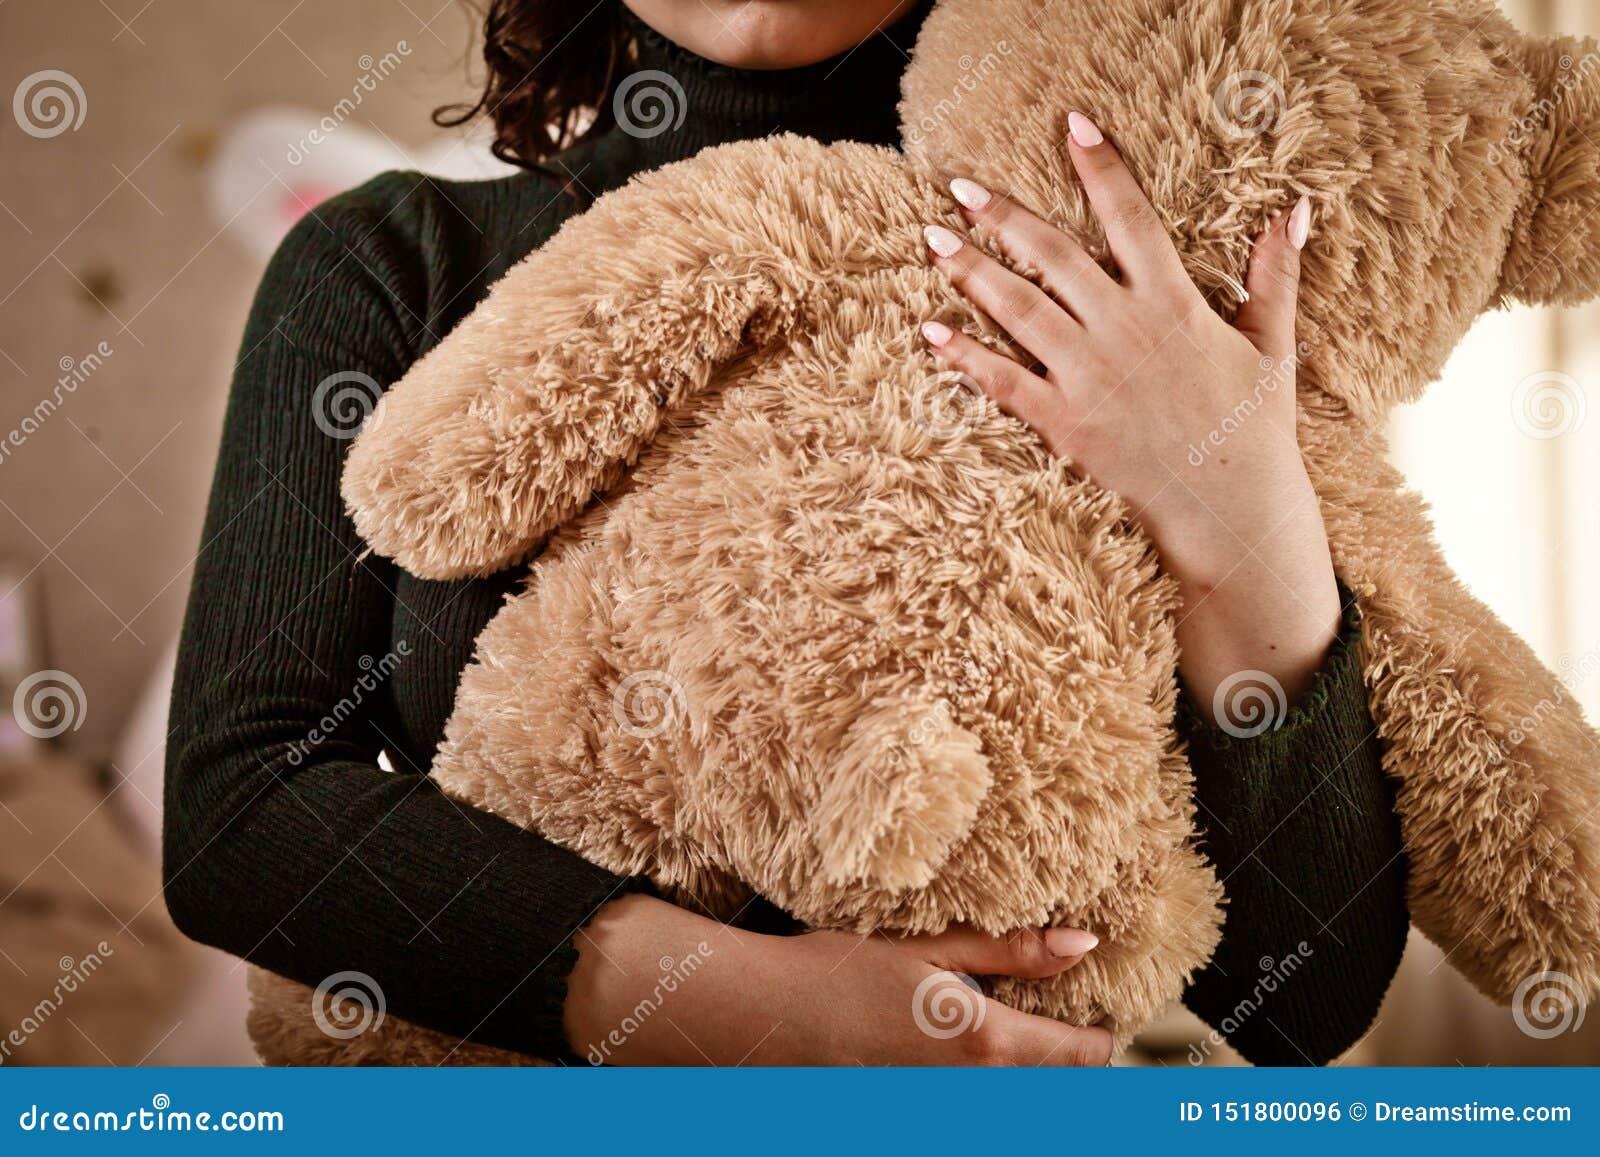 Girl holds a one teddy bear , teddy